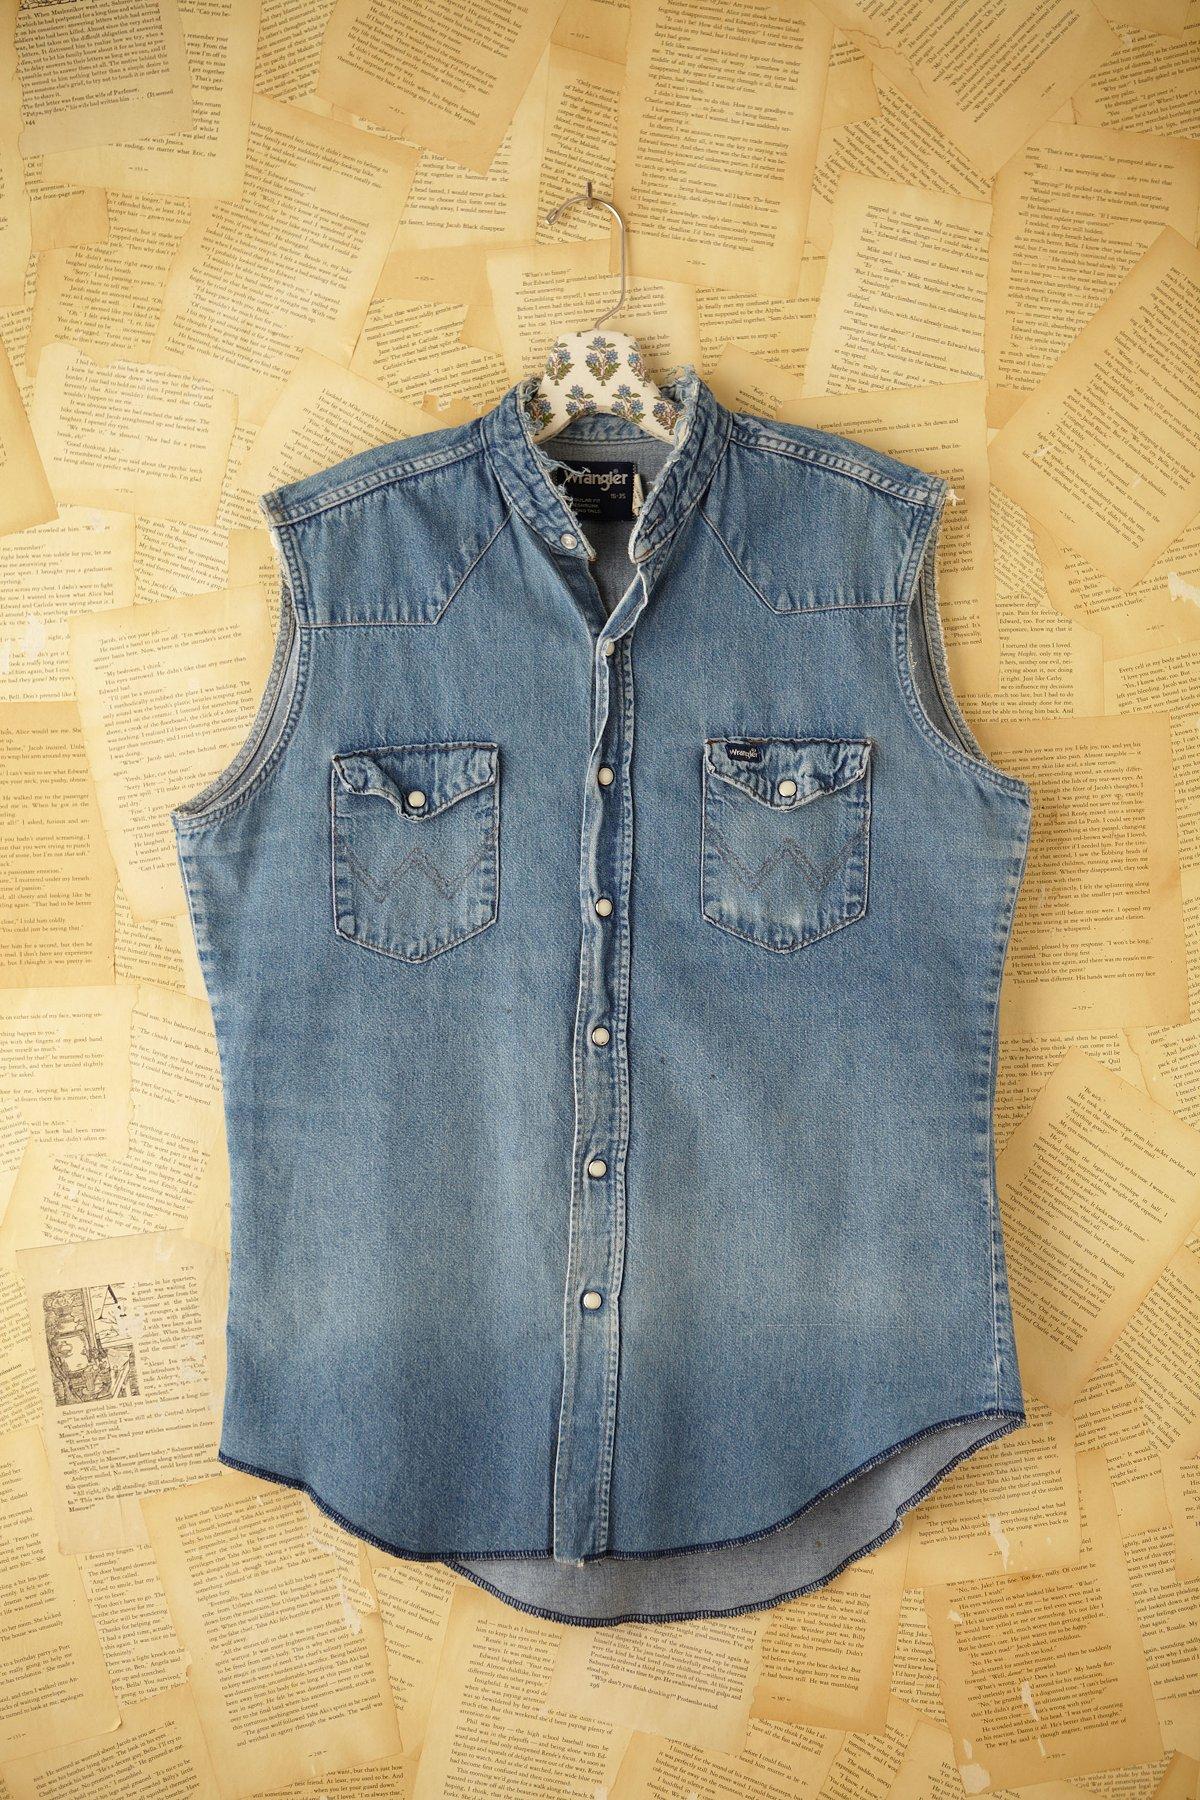 Vintage Wrangler Sleeveless Denim Shirt